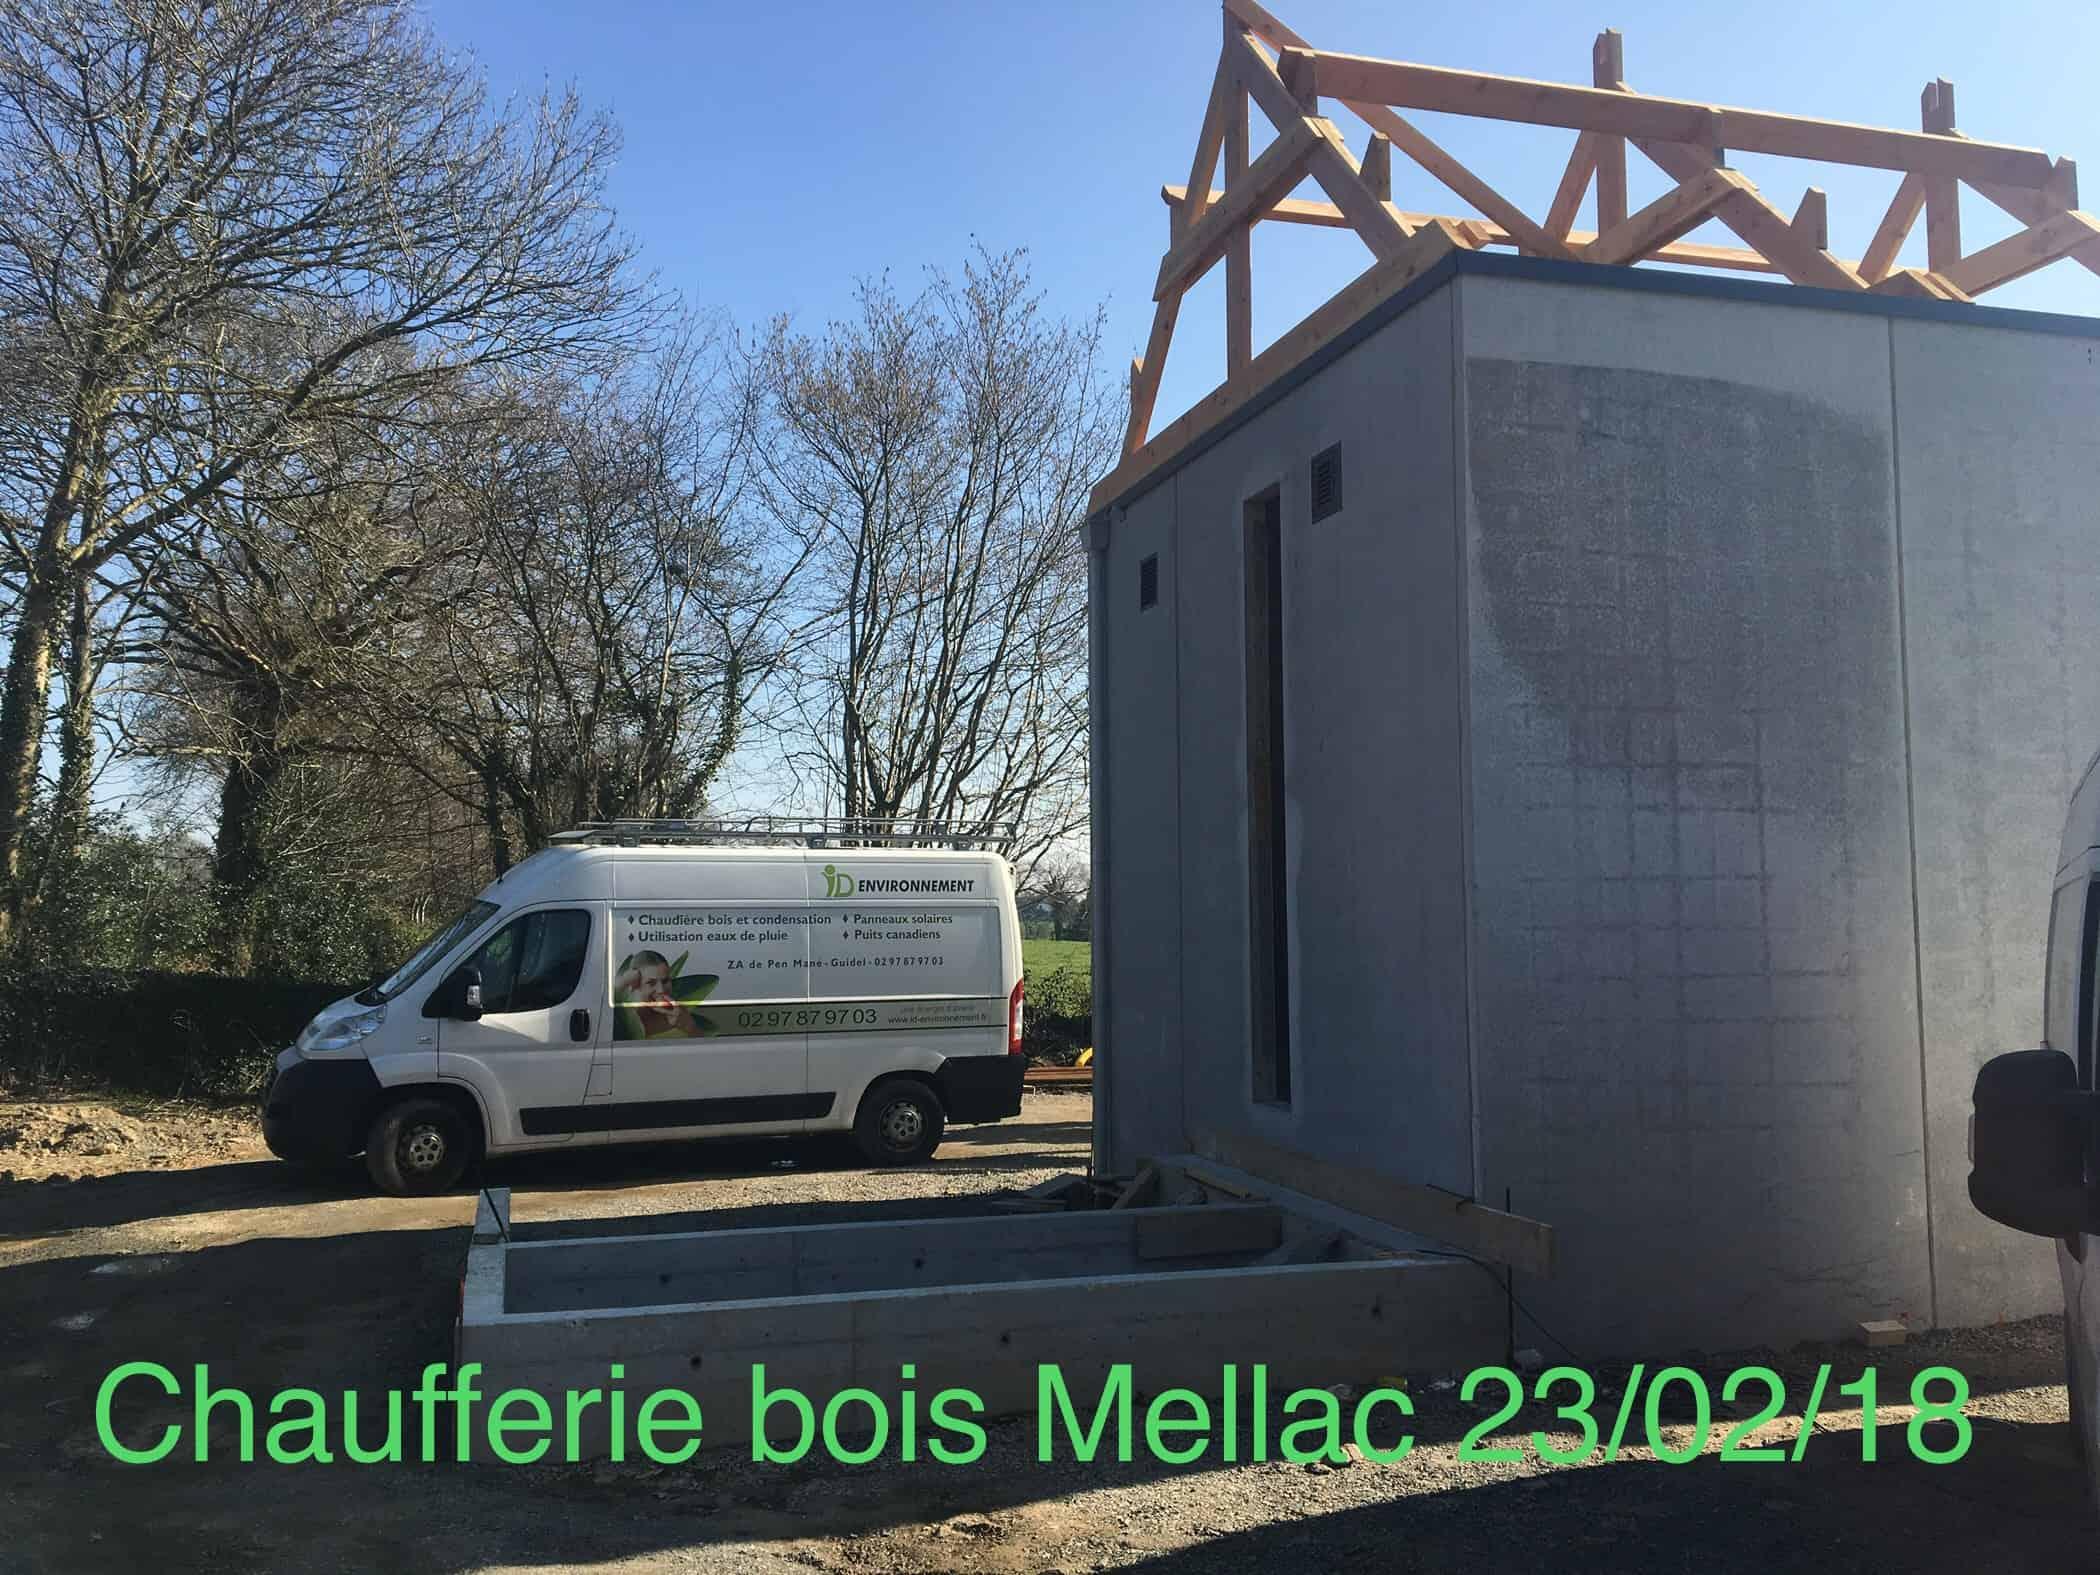 construction-chaufferie-bois-mellac-1